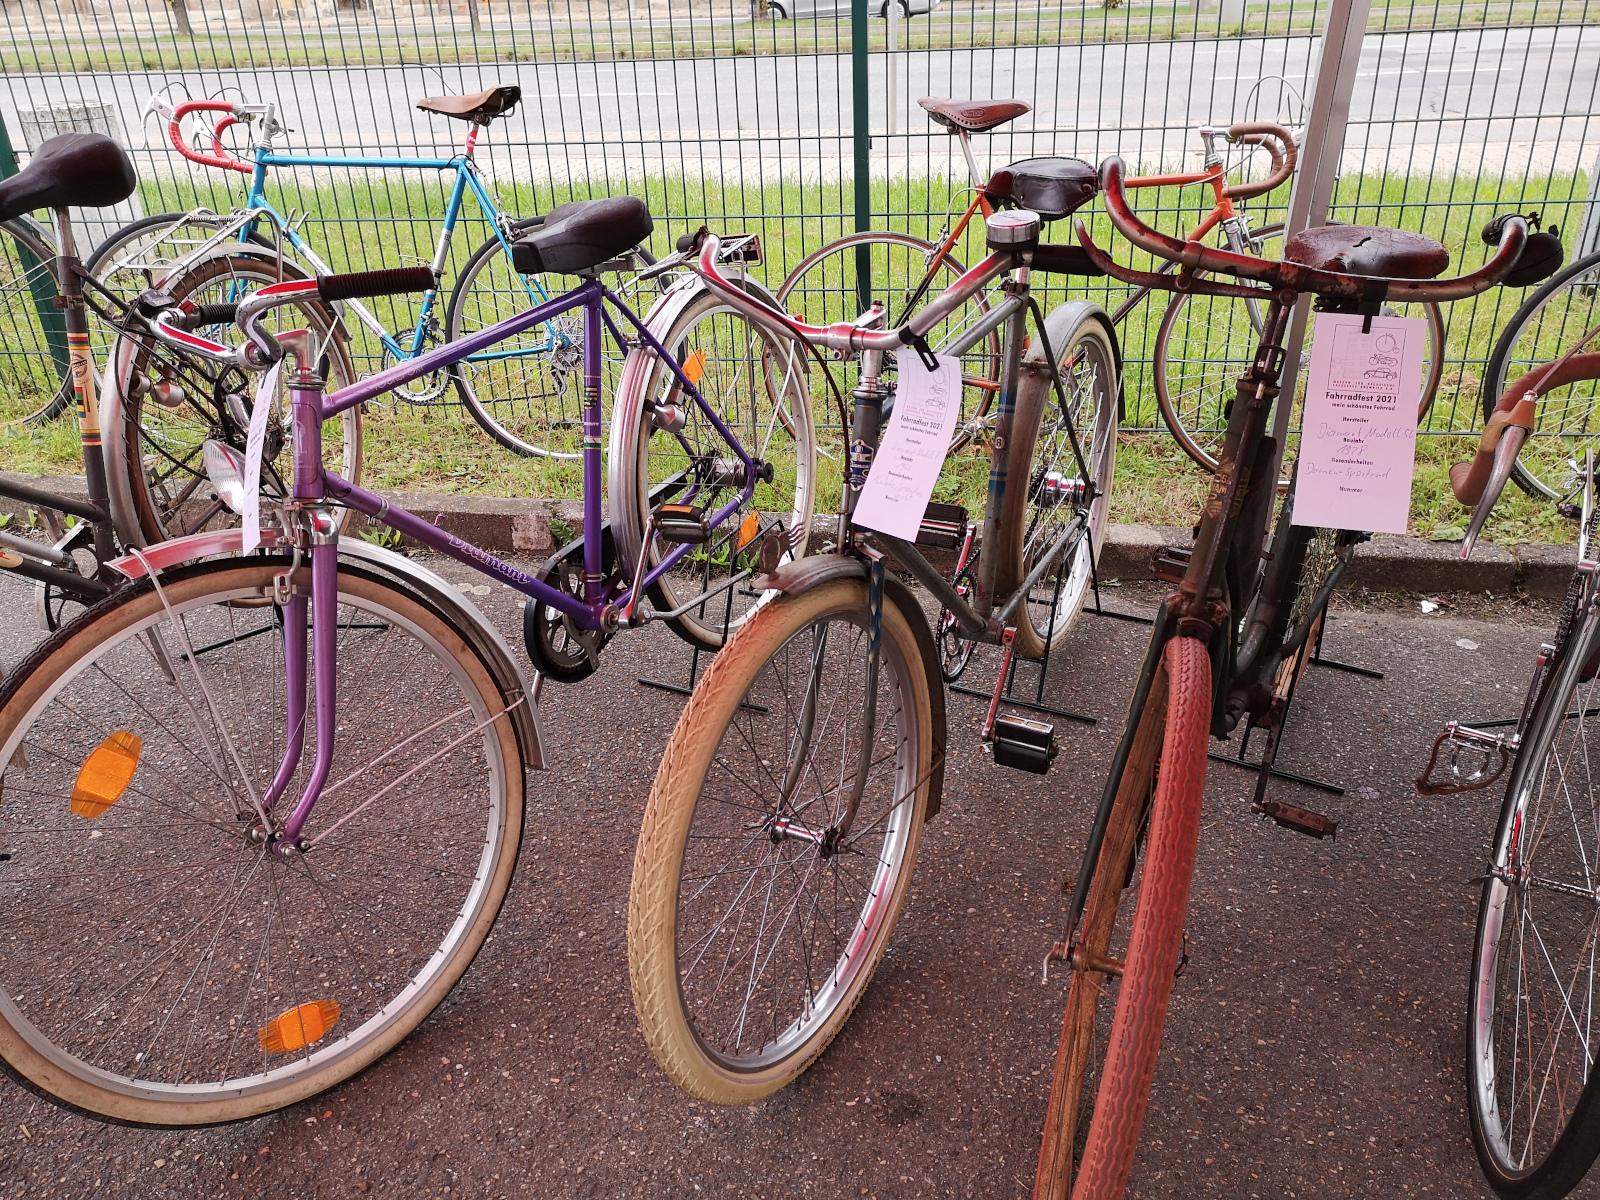 """Fahrräder, die zur Wahl zum """"Schönsten Fahrrad 2021"""" standen"""